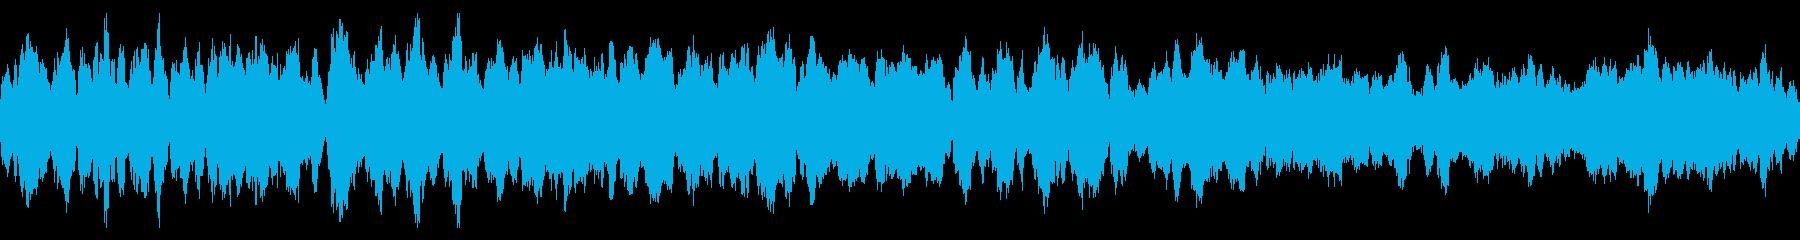 RPG向けオーケストラ曲『迷宮』の再生済みの波形